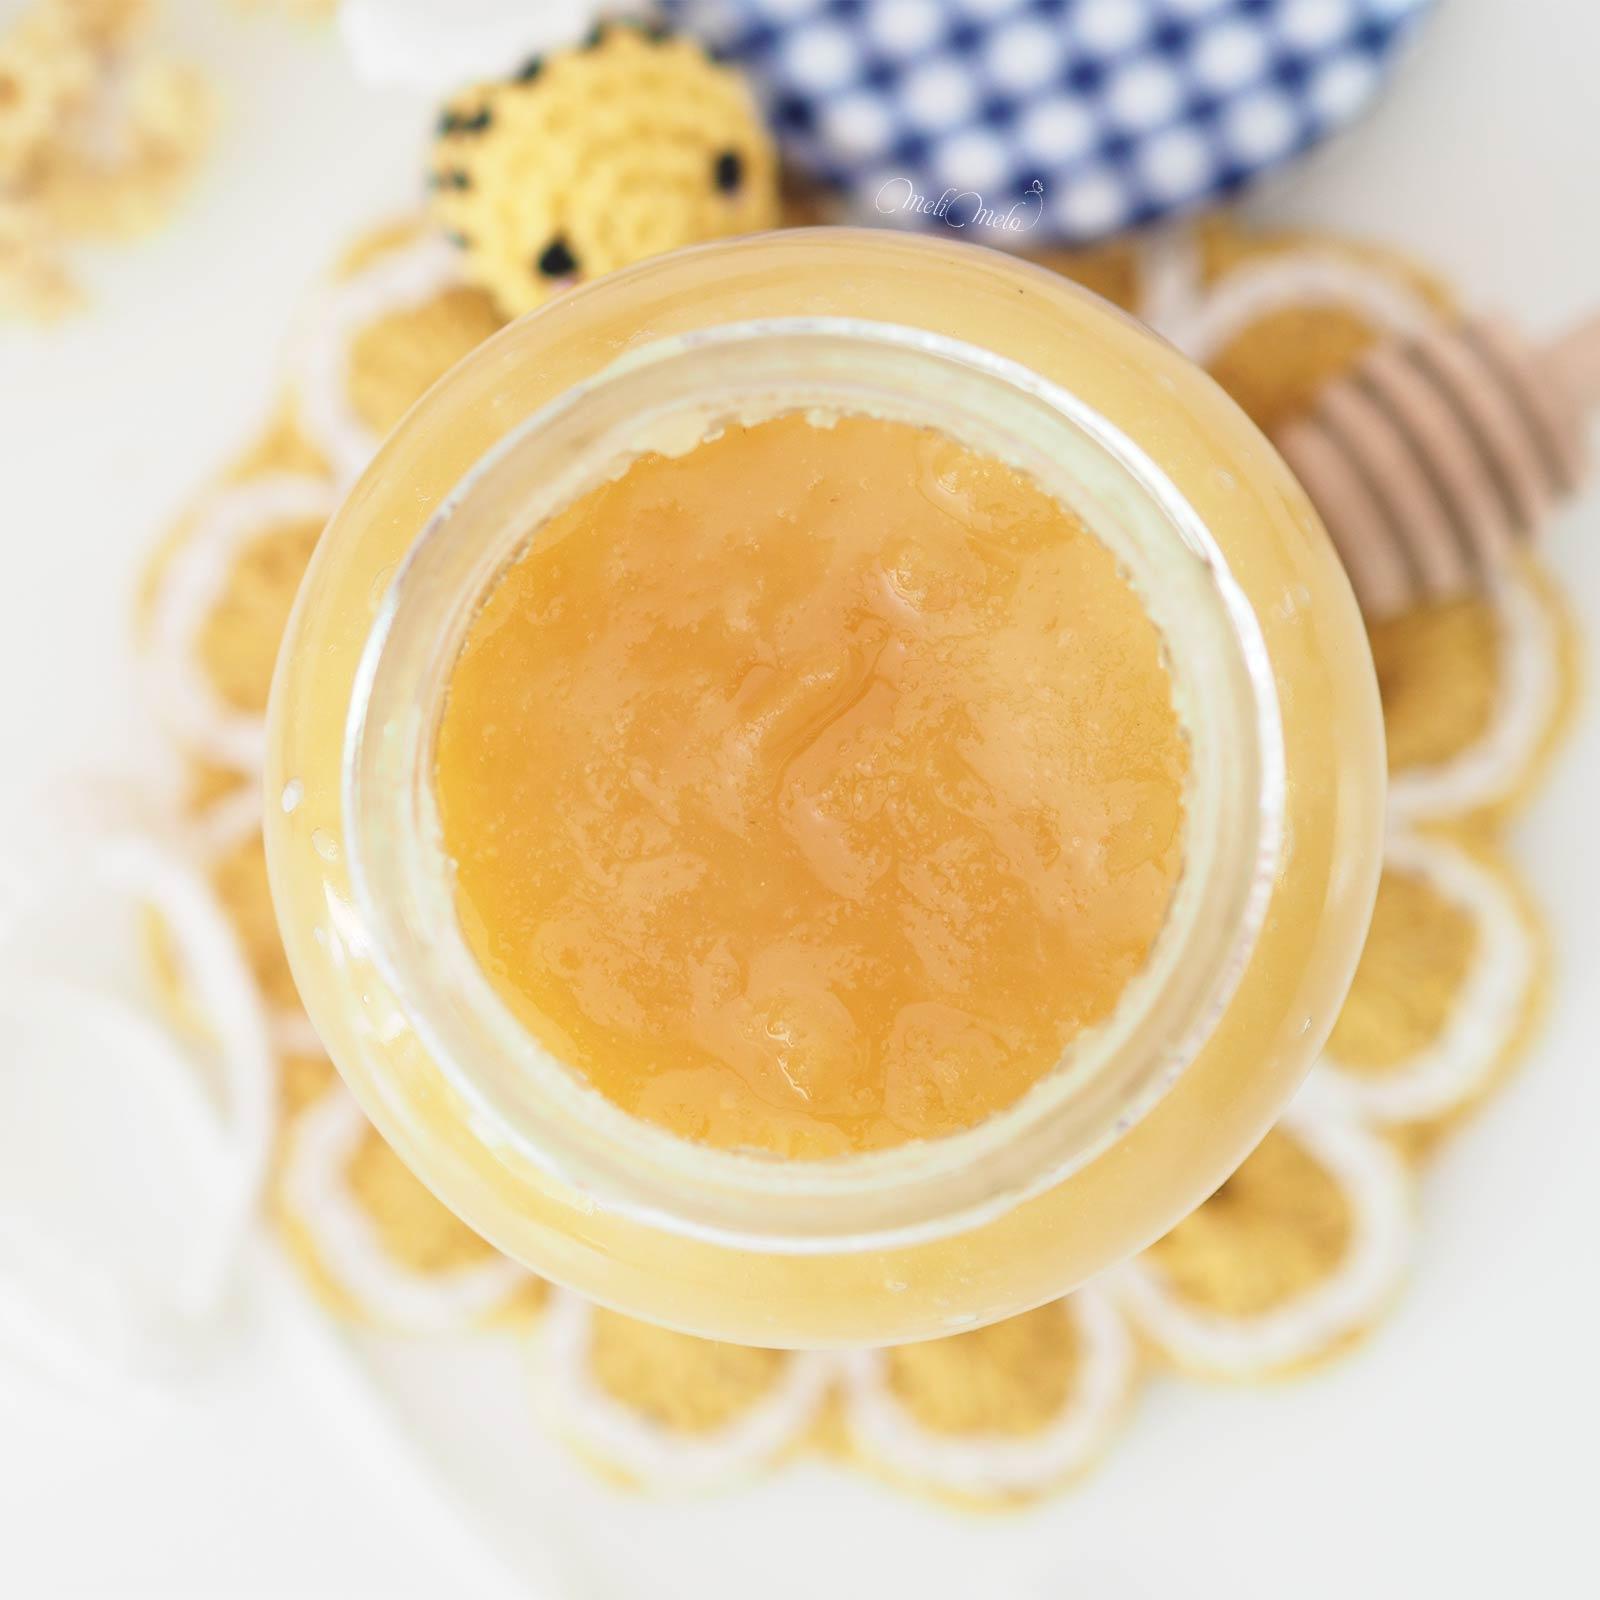 miel-fleurs-moyenne-montagne-apiculture-recolte-propre-laboutiquedemelimelo